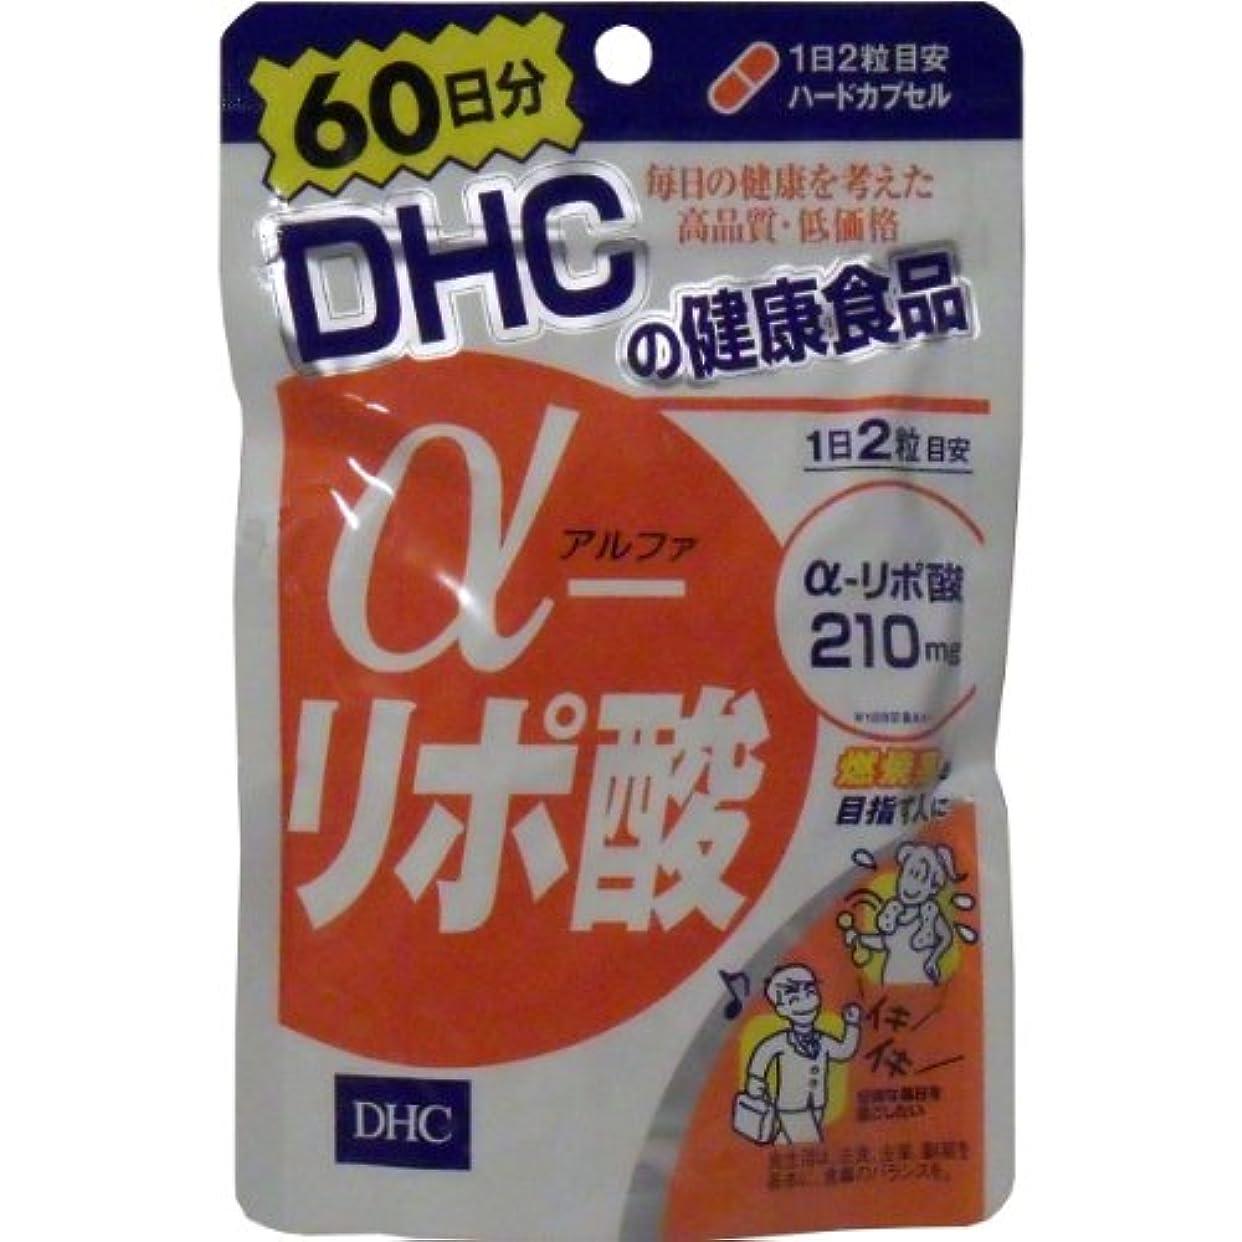 キリスト教電気和解する【???便】DHC α-リポ酸 60日分(120粒)×4個セット